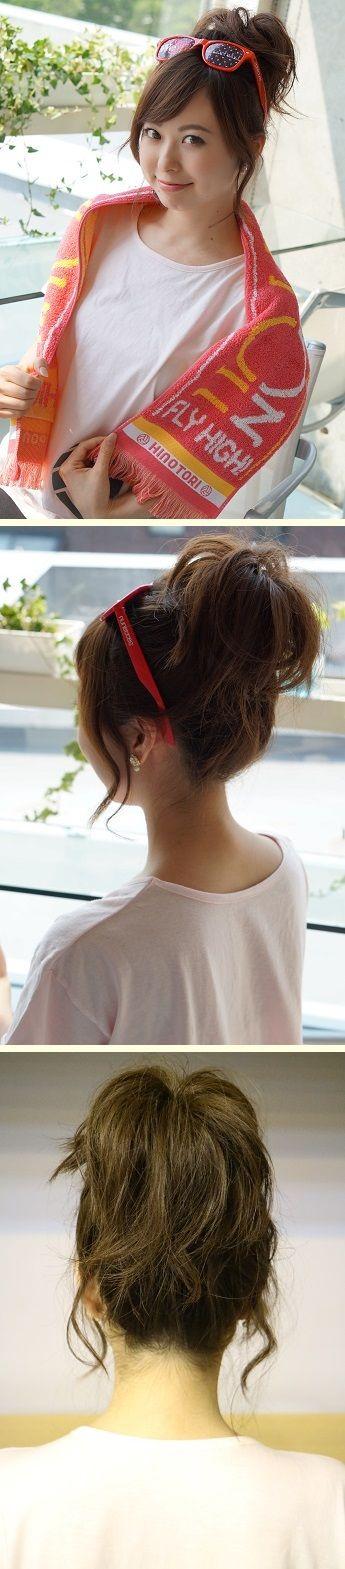 「サングラスを頭にかけること前提」のまとめ髪 かわいすぎる「スポーツ観戦ヘア」アレンジ実例7つ フェスやライブなどアクティブな日におすすめ☆ #髪型 #ヘアスタイル #ヘアアレンジ #hairstyle